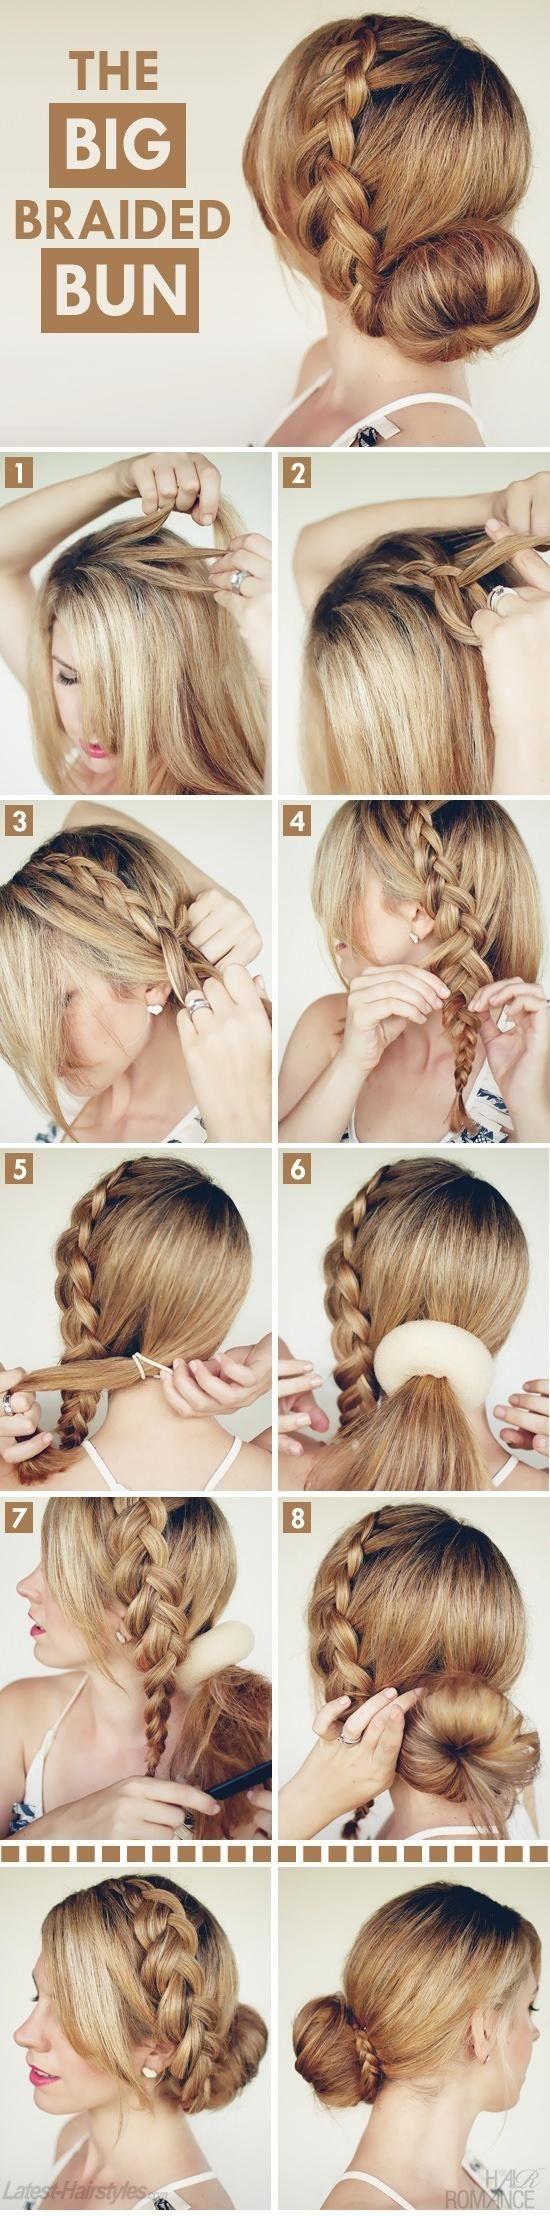 DIY Wedding Hair : DIY Wedding Hair- I would wear this every day